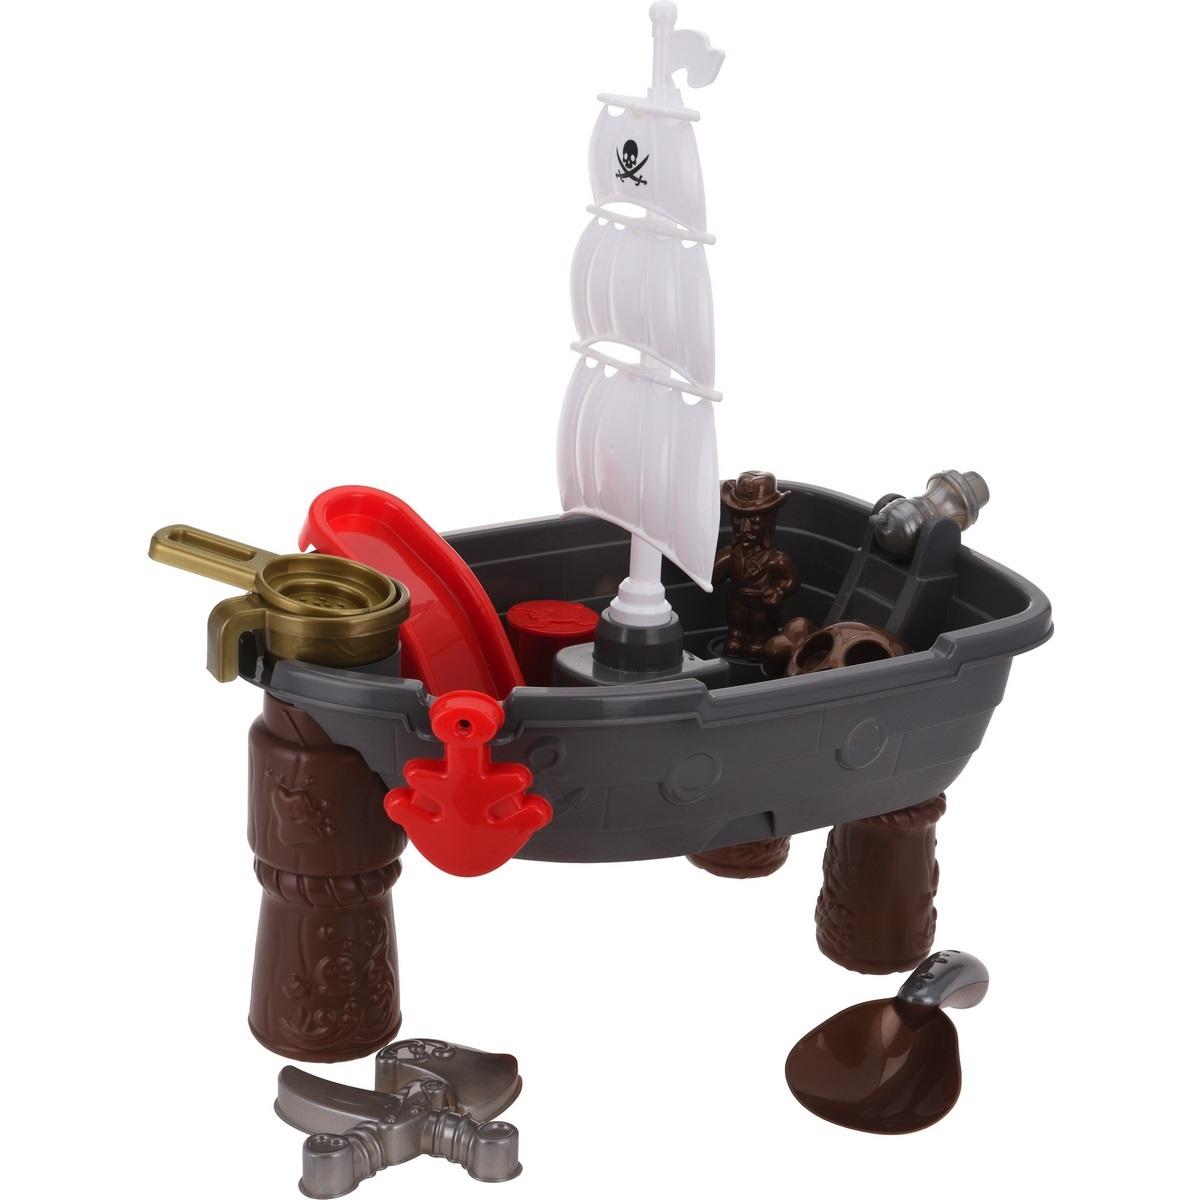 Koopman Dětský hrací set Pirate ship, 13 ks